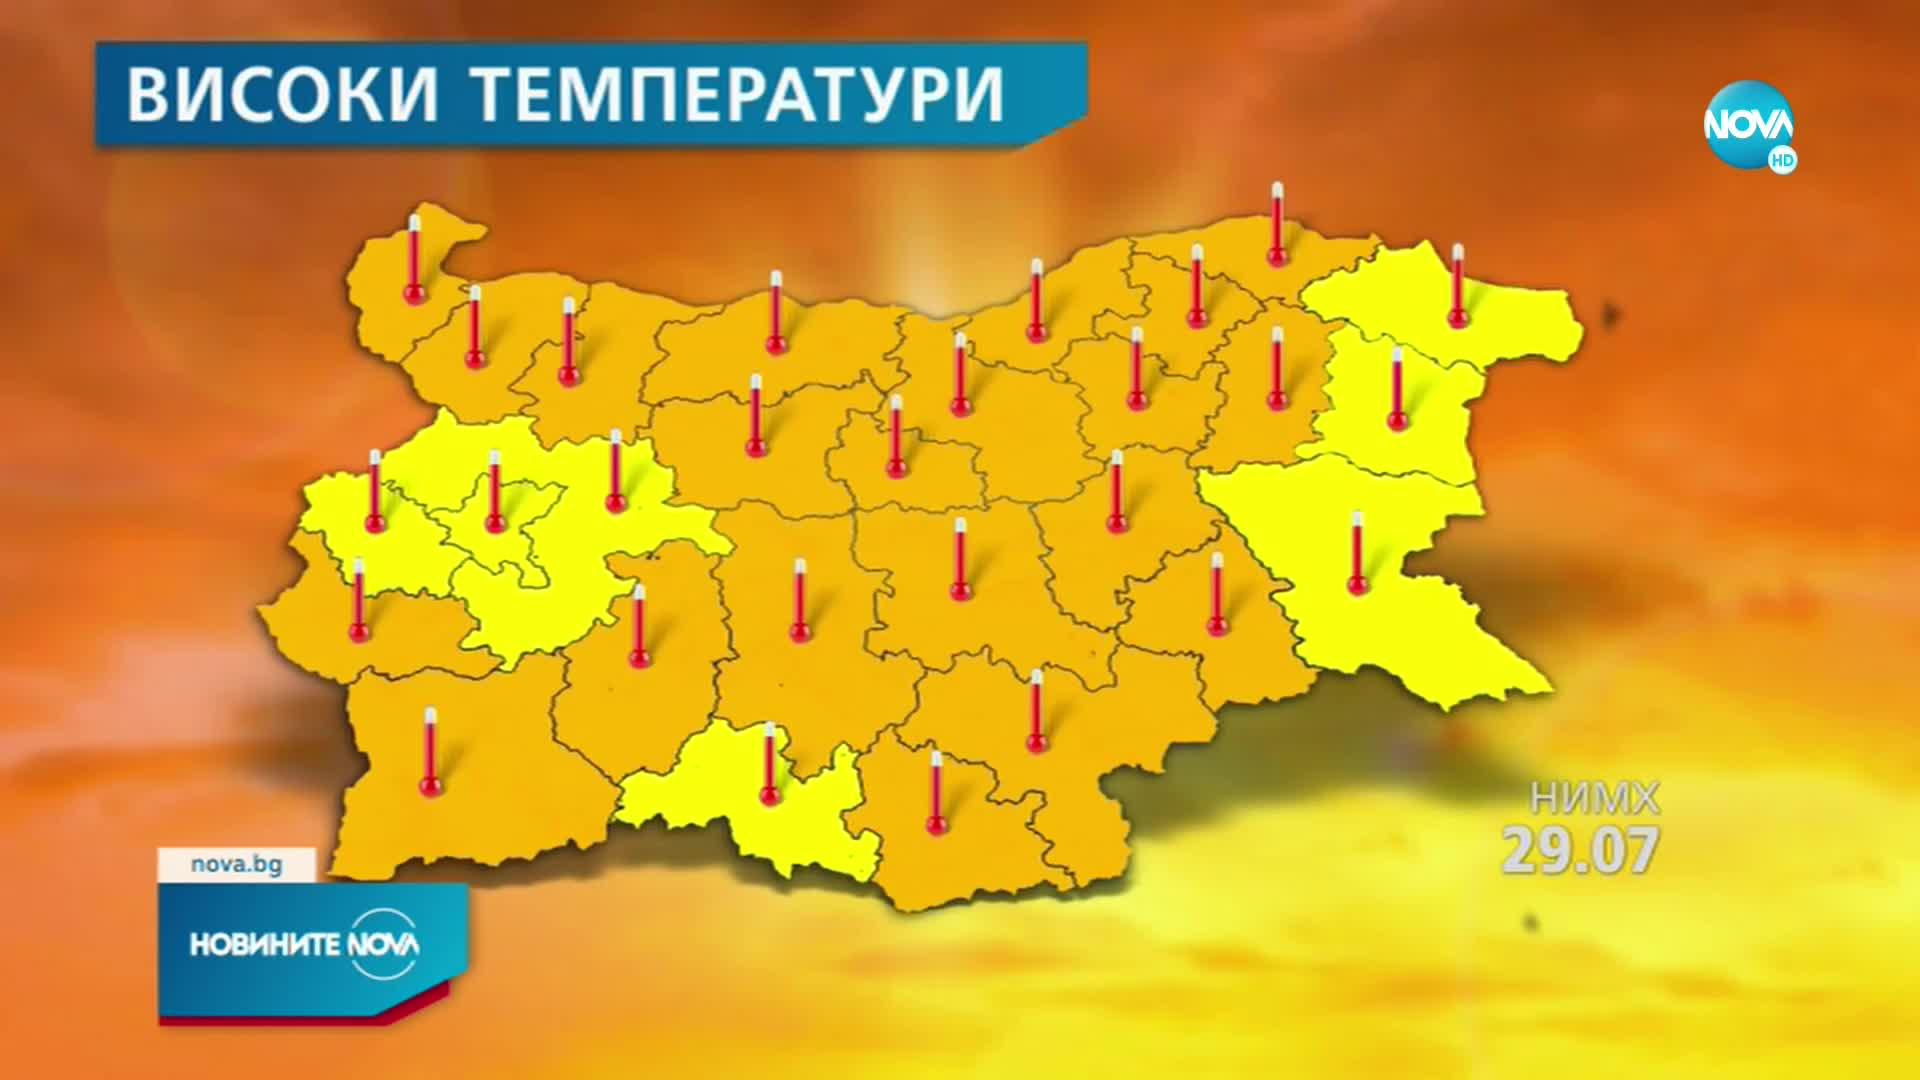 ЕКСТРЕМНИ ГОРЕЩИНИ: Термометрите скачат до 41 градуса